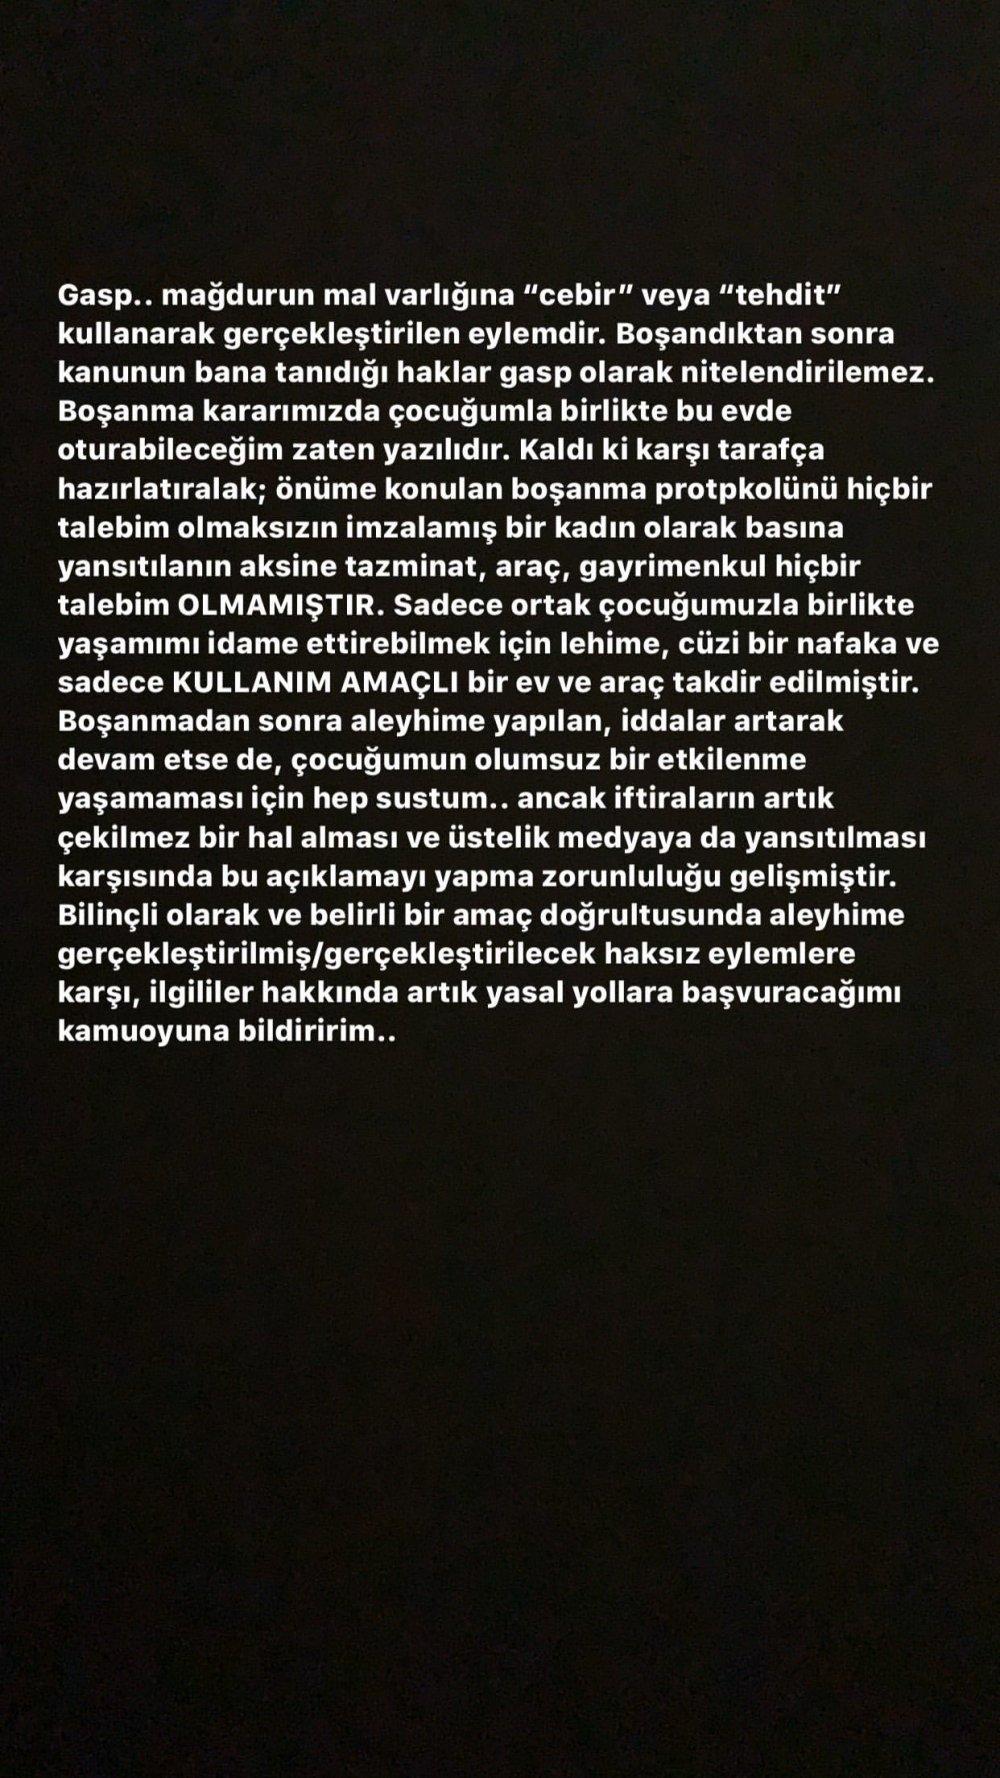 Özcan Deniz Açtı Ağzını Yumdu Gözünü! Eski Eşine Zehir Zemberek Sözler..